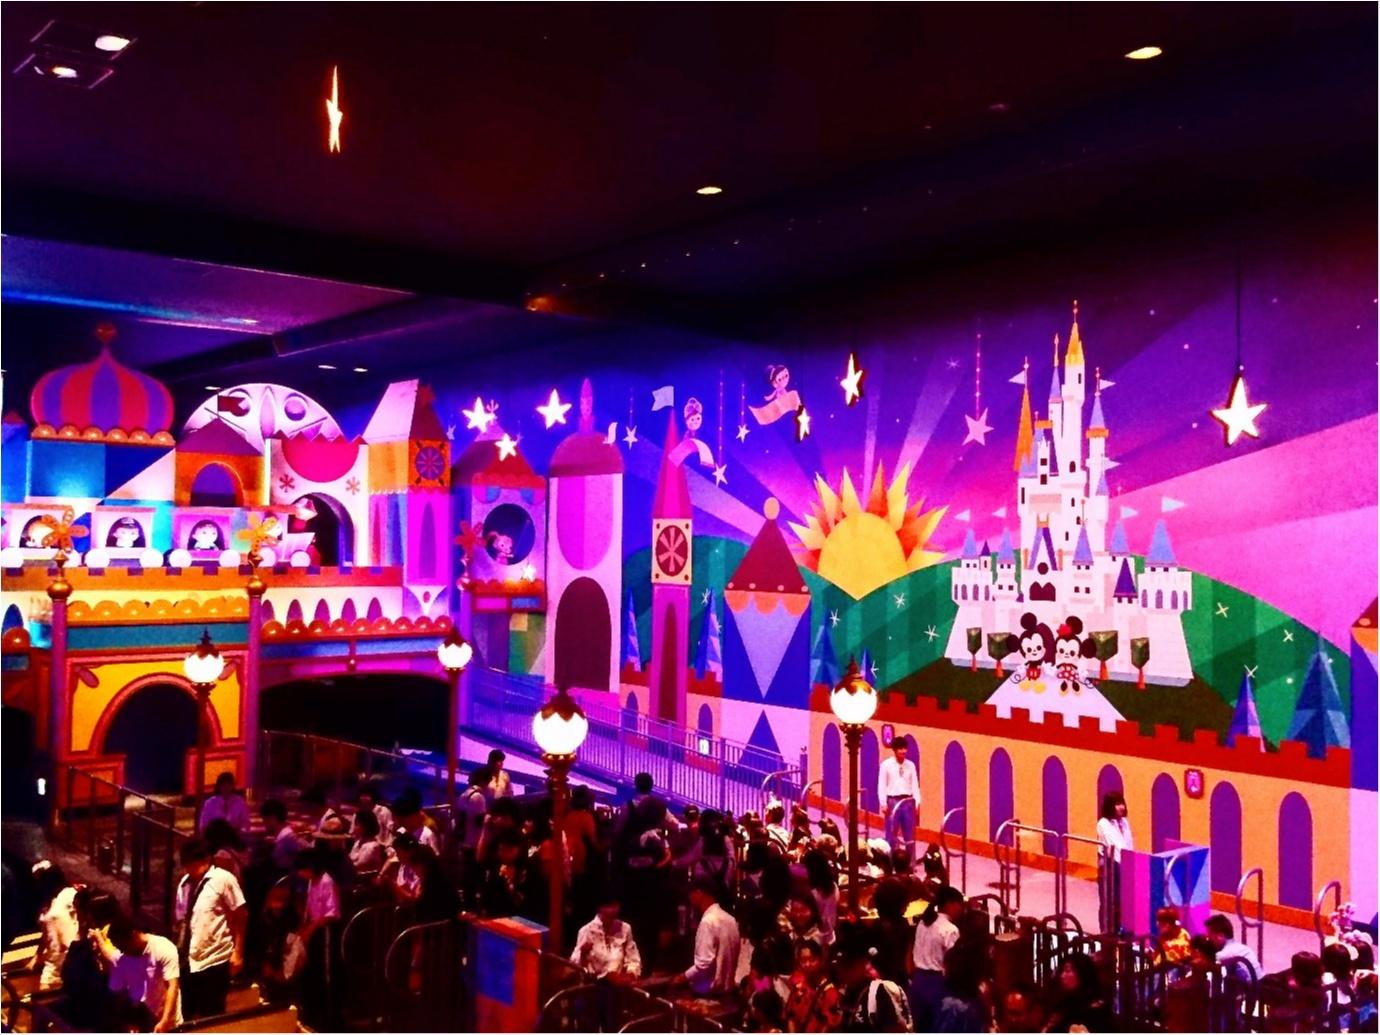 【 しの散策 】東京ディズニーリゾート 35周年 ★ リニューアルした《 イッツ・ア・スモールワールド 》が 可愛いすぎる ♪_4